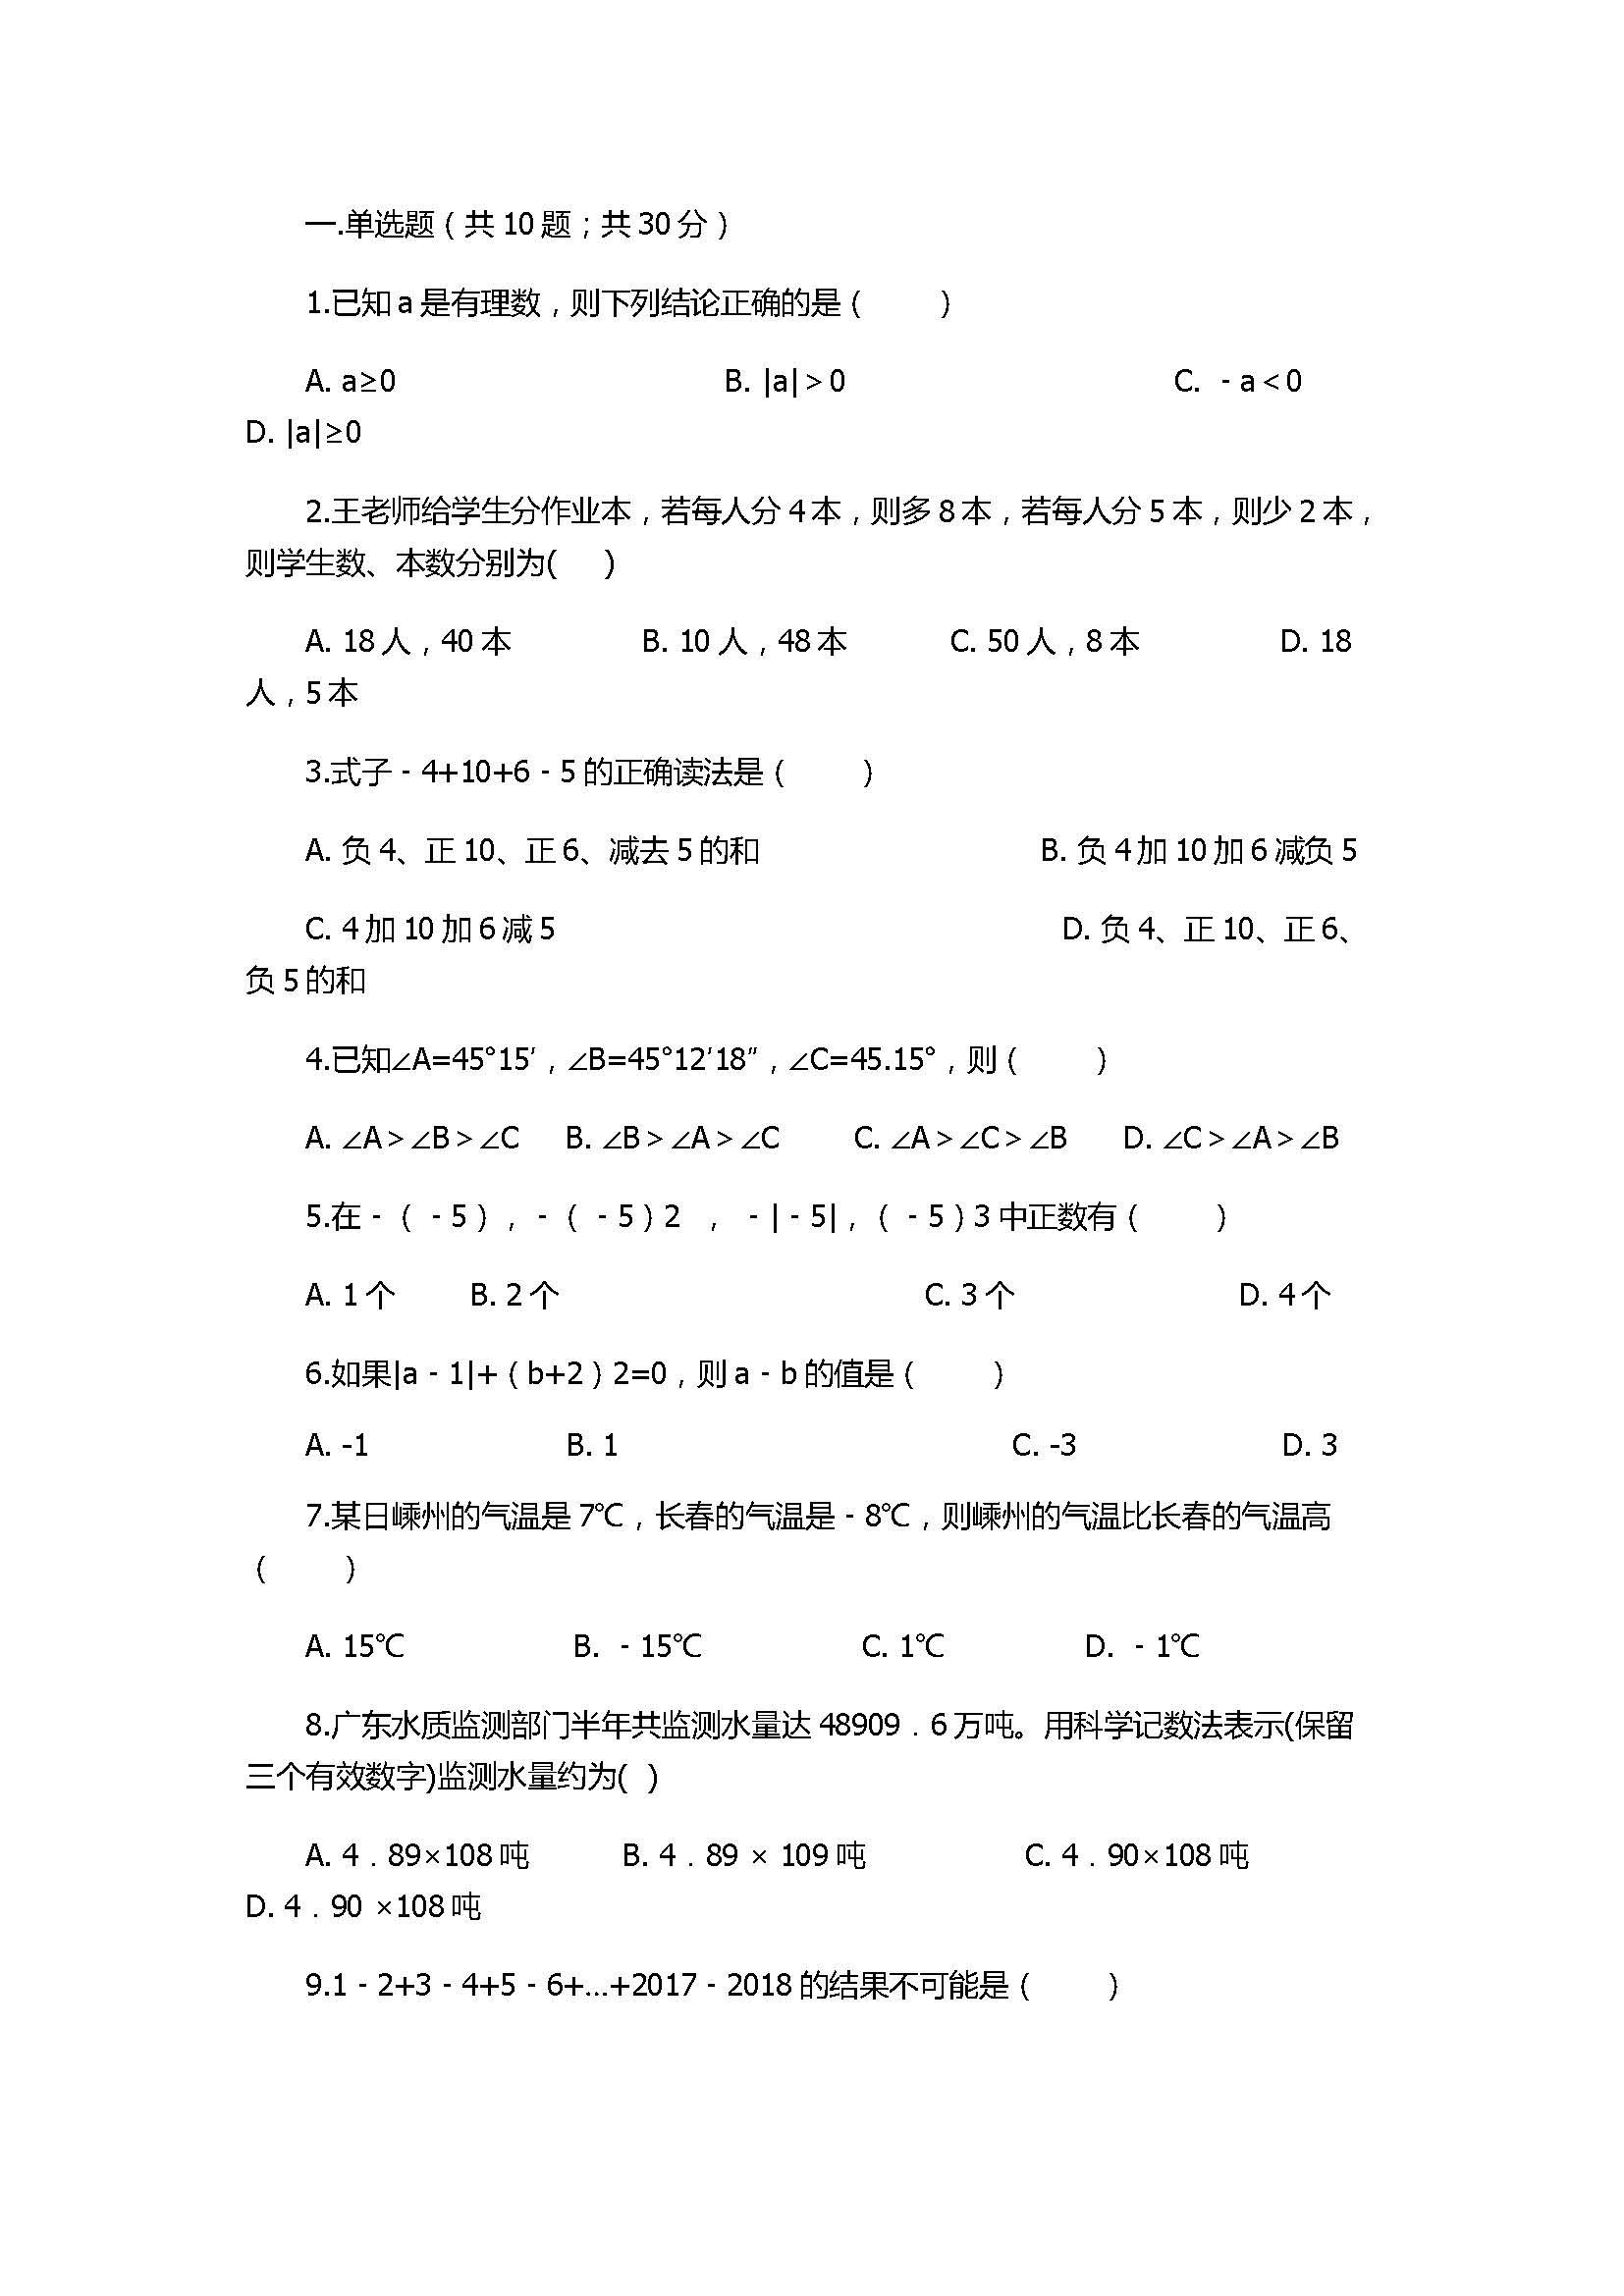 2017七年级上数学期末模拟试卷含解析(湖南省长沙市)